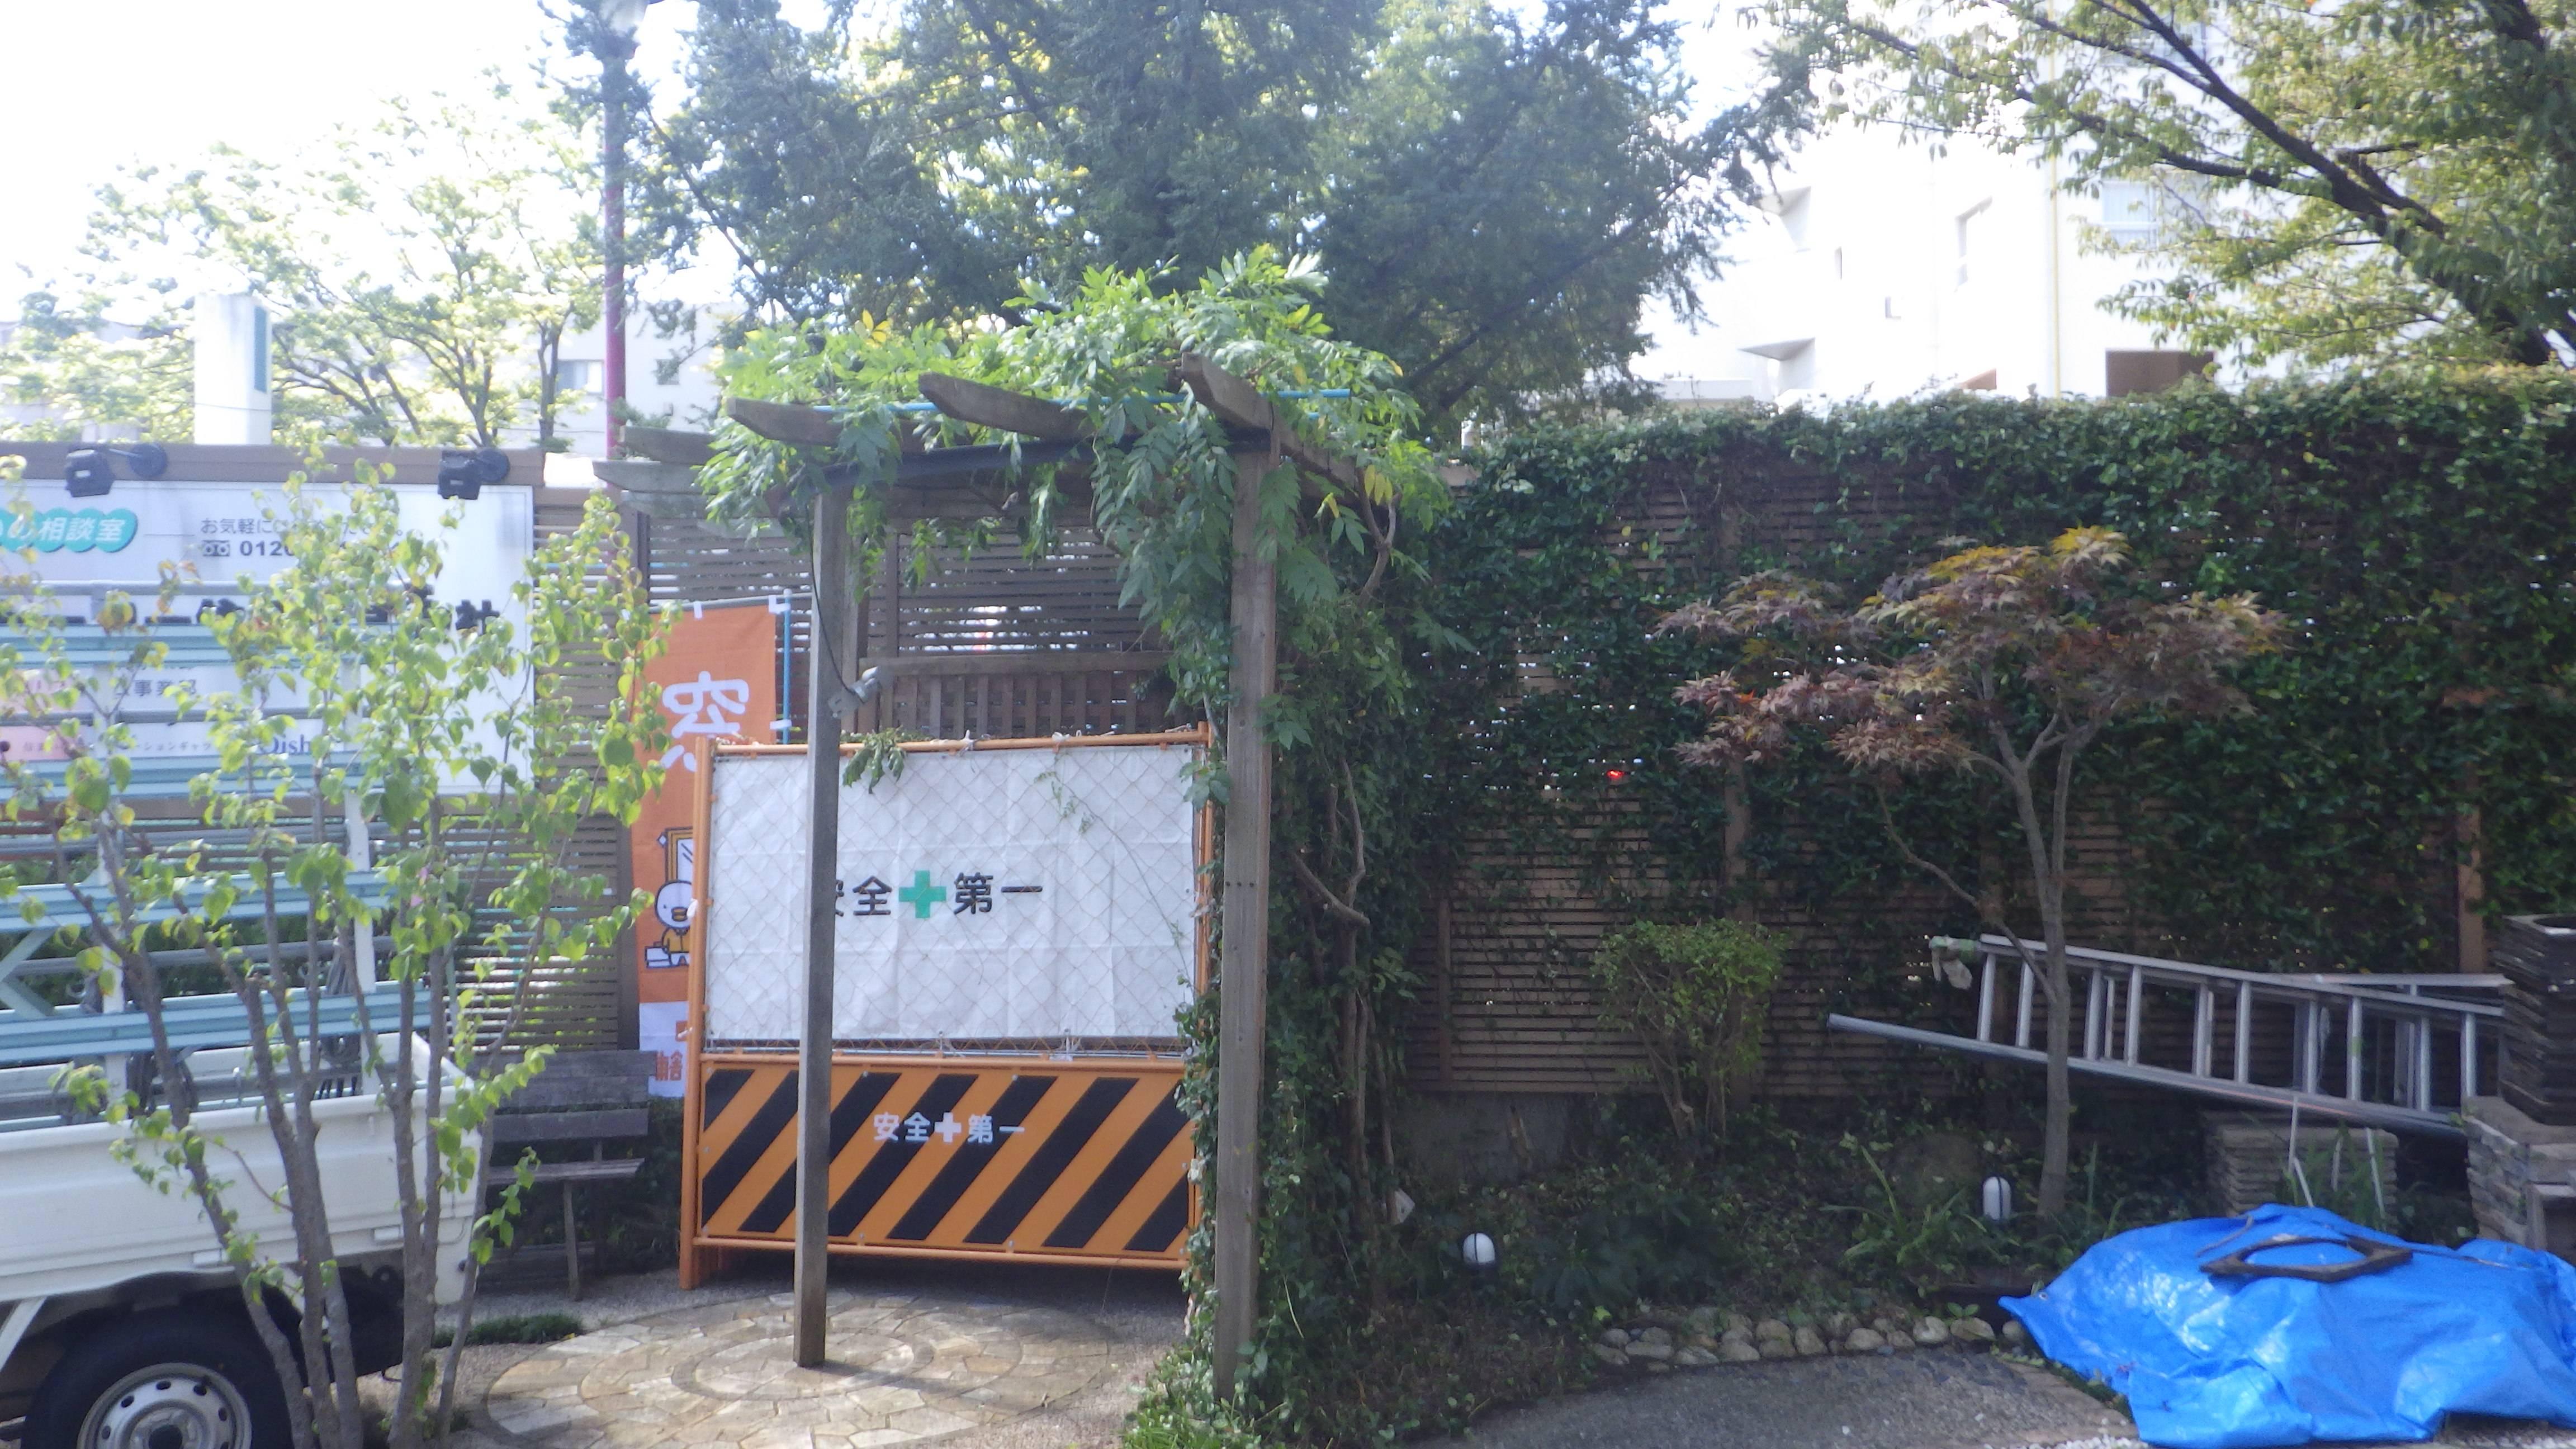 店舗前の植栽がきれいになりました! 北摂トーヨー住器の現場ブログ 写真4